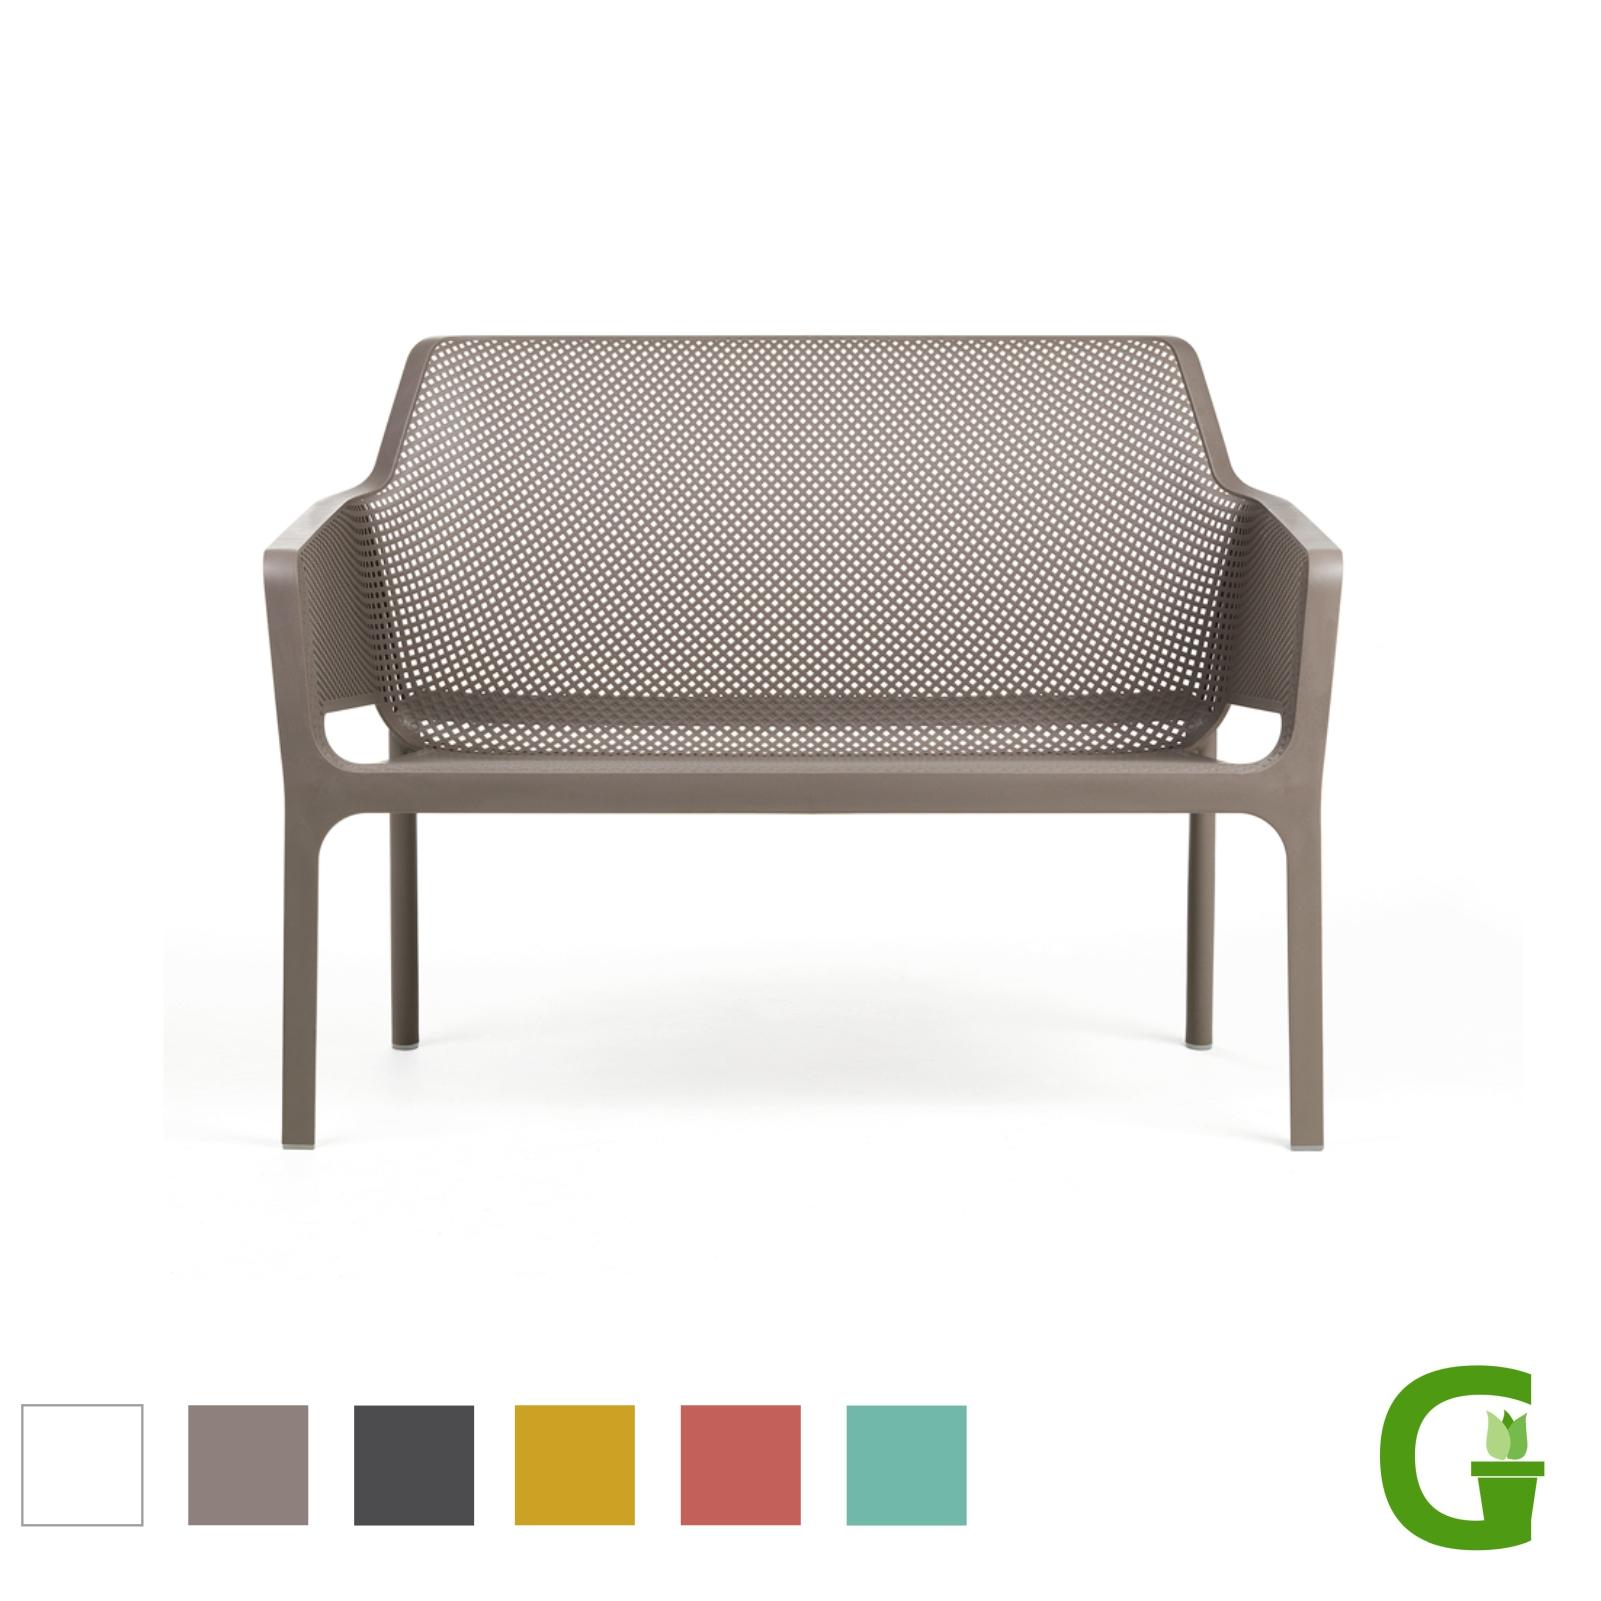 Details zu Nardi Net Gartenmöbel Set: Net Bench Bank, Net Relax Sessel und Net Tisch